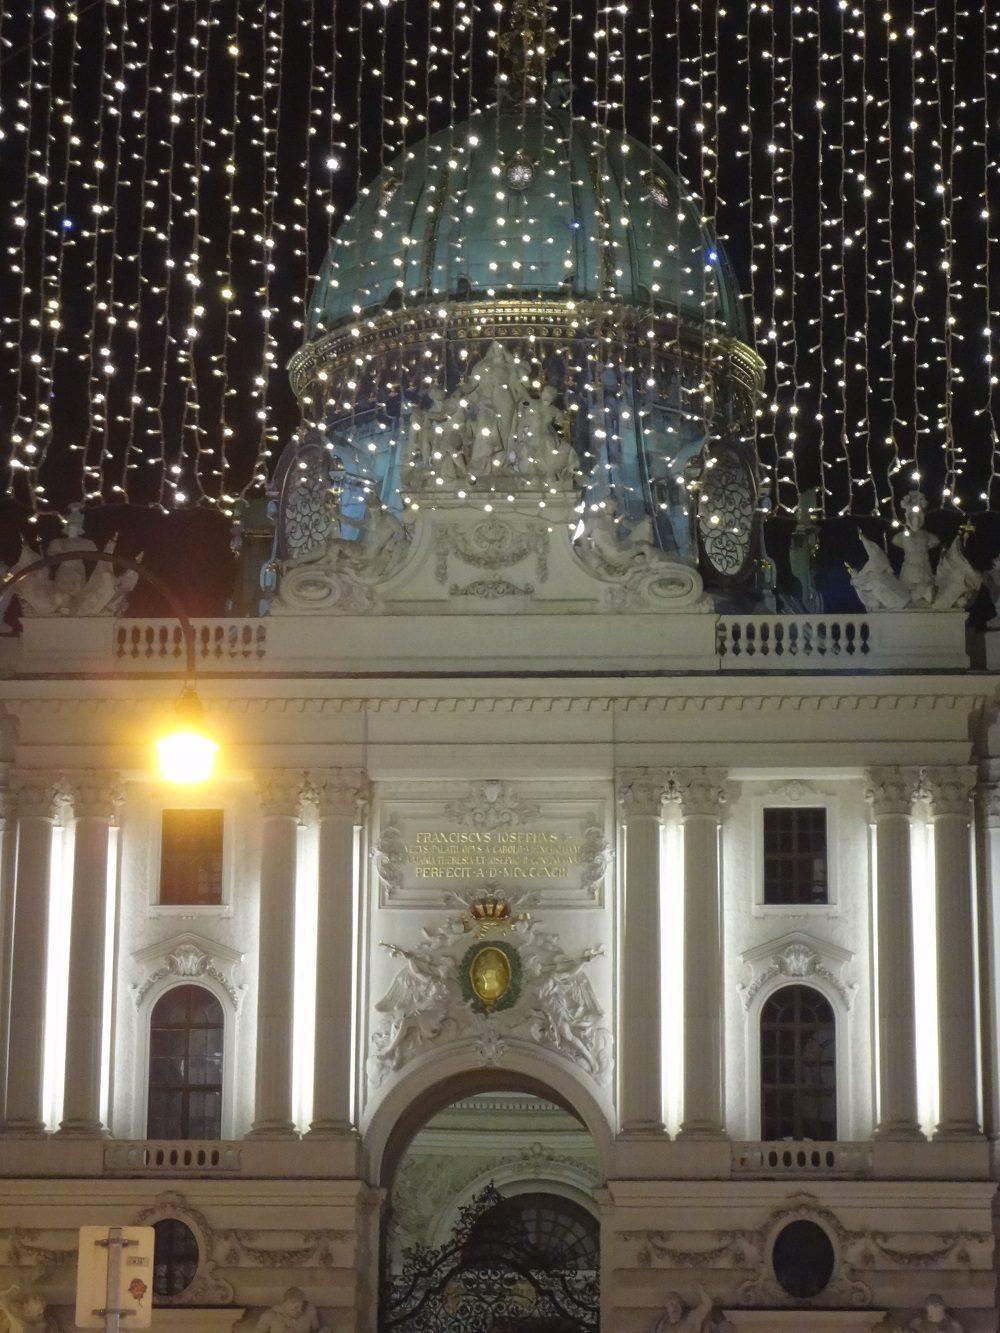 Weihnachtsbeleuchtung-Wiener Hofburg Kohlmarkt